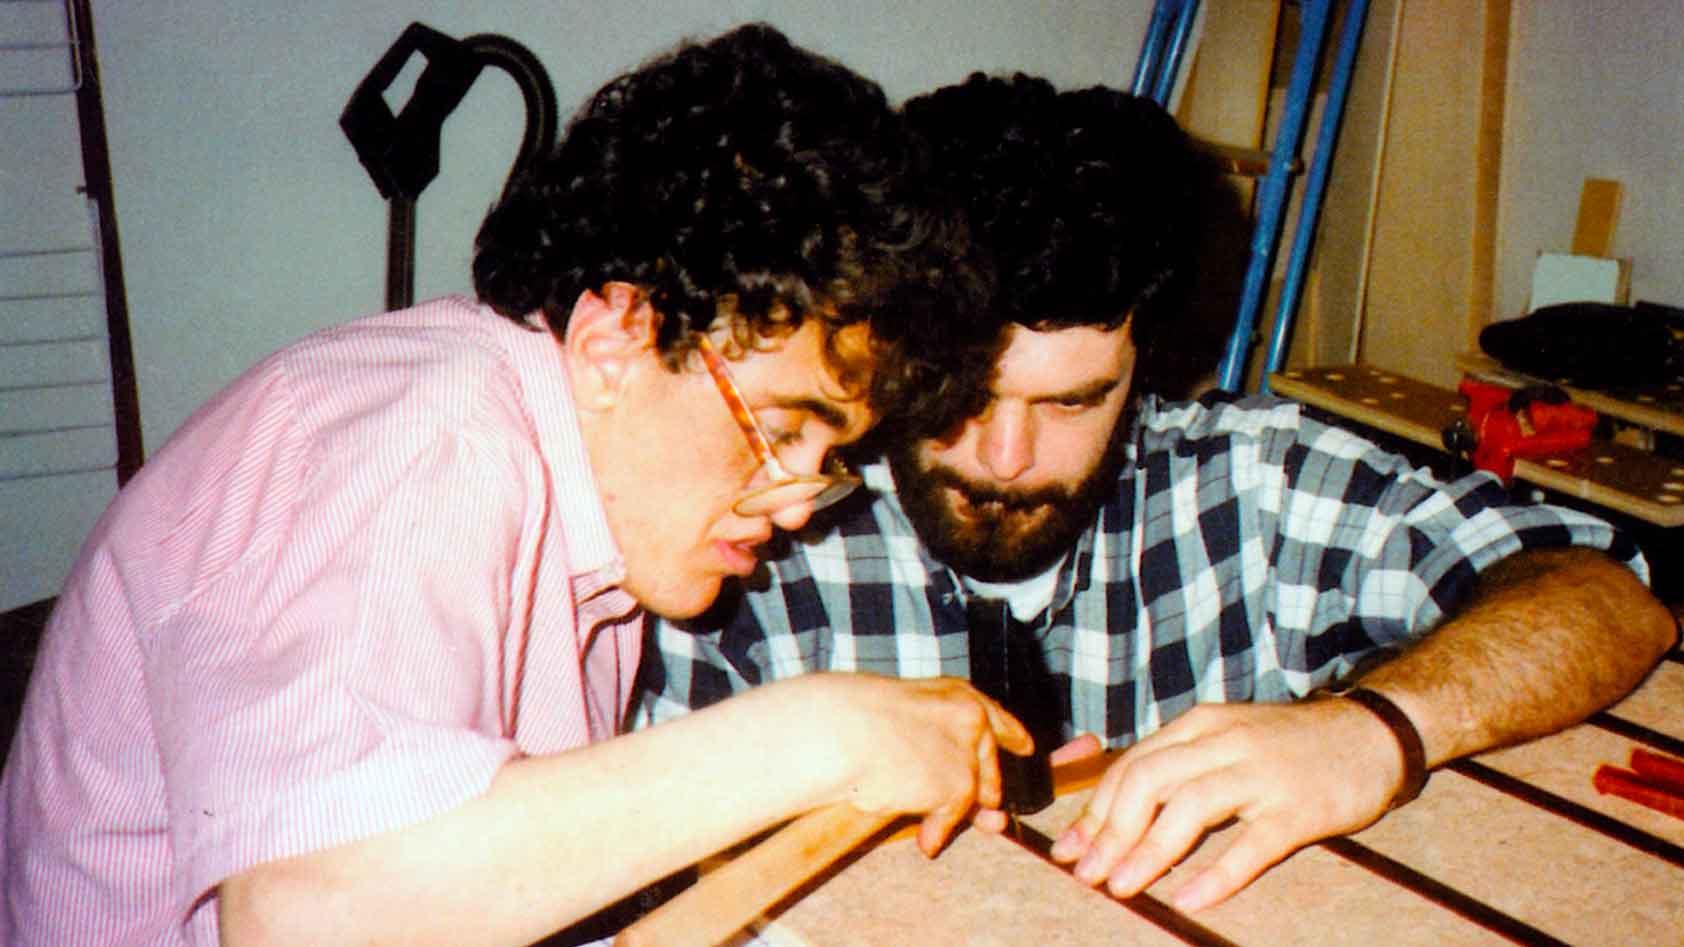 FABIO, nel laboratorio del Chicco, lavora il legno con il suo maestro, Giorgio - Ombre e Luci n. 64 - 1998